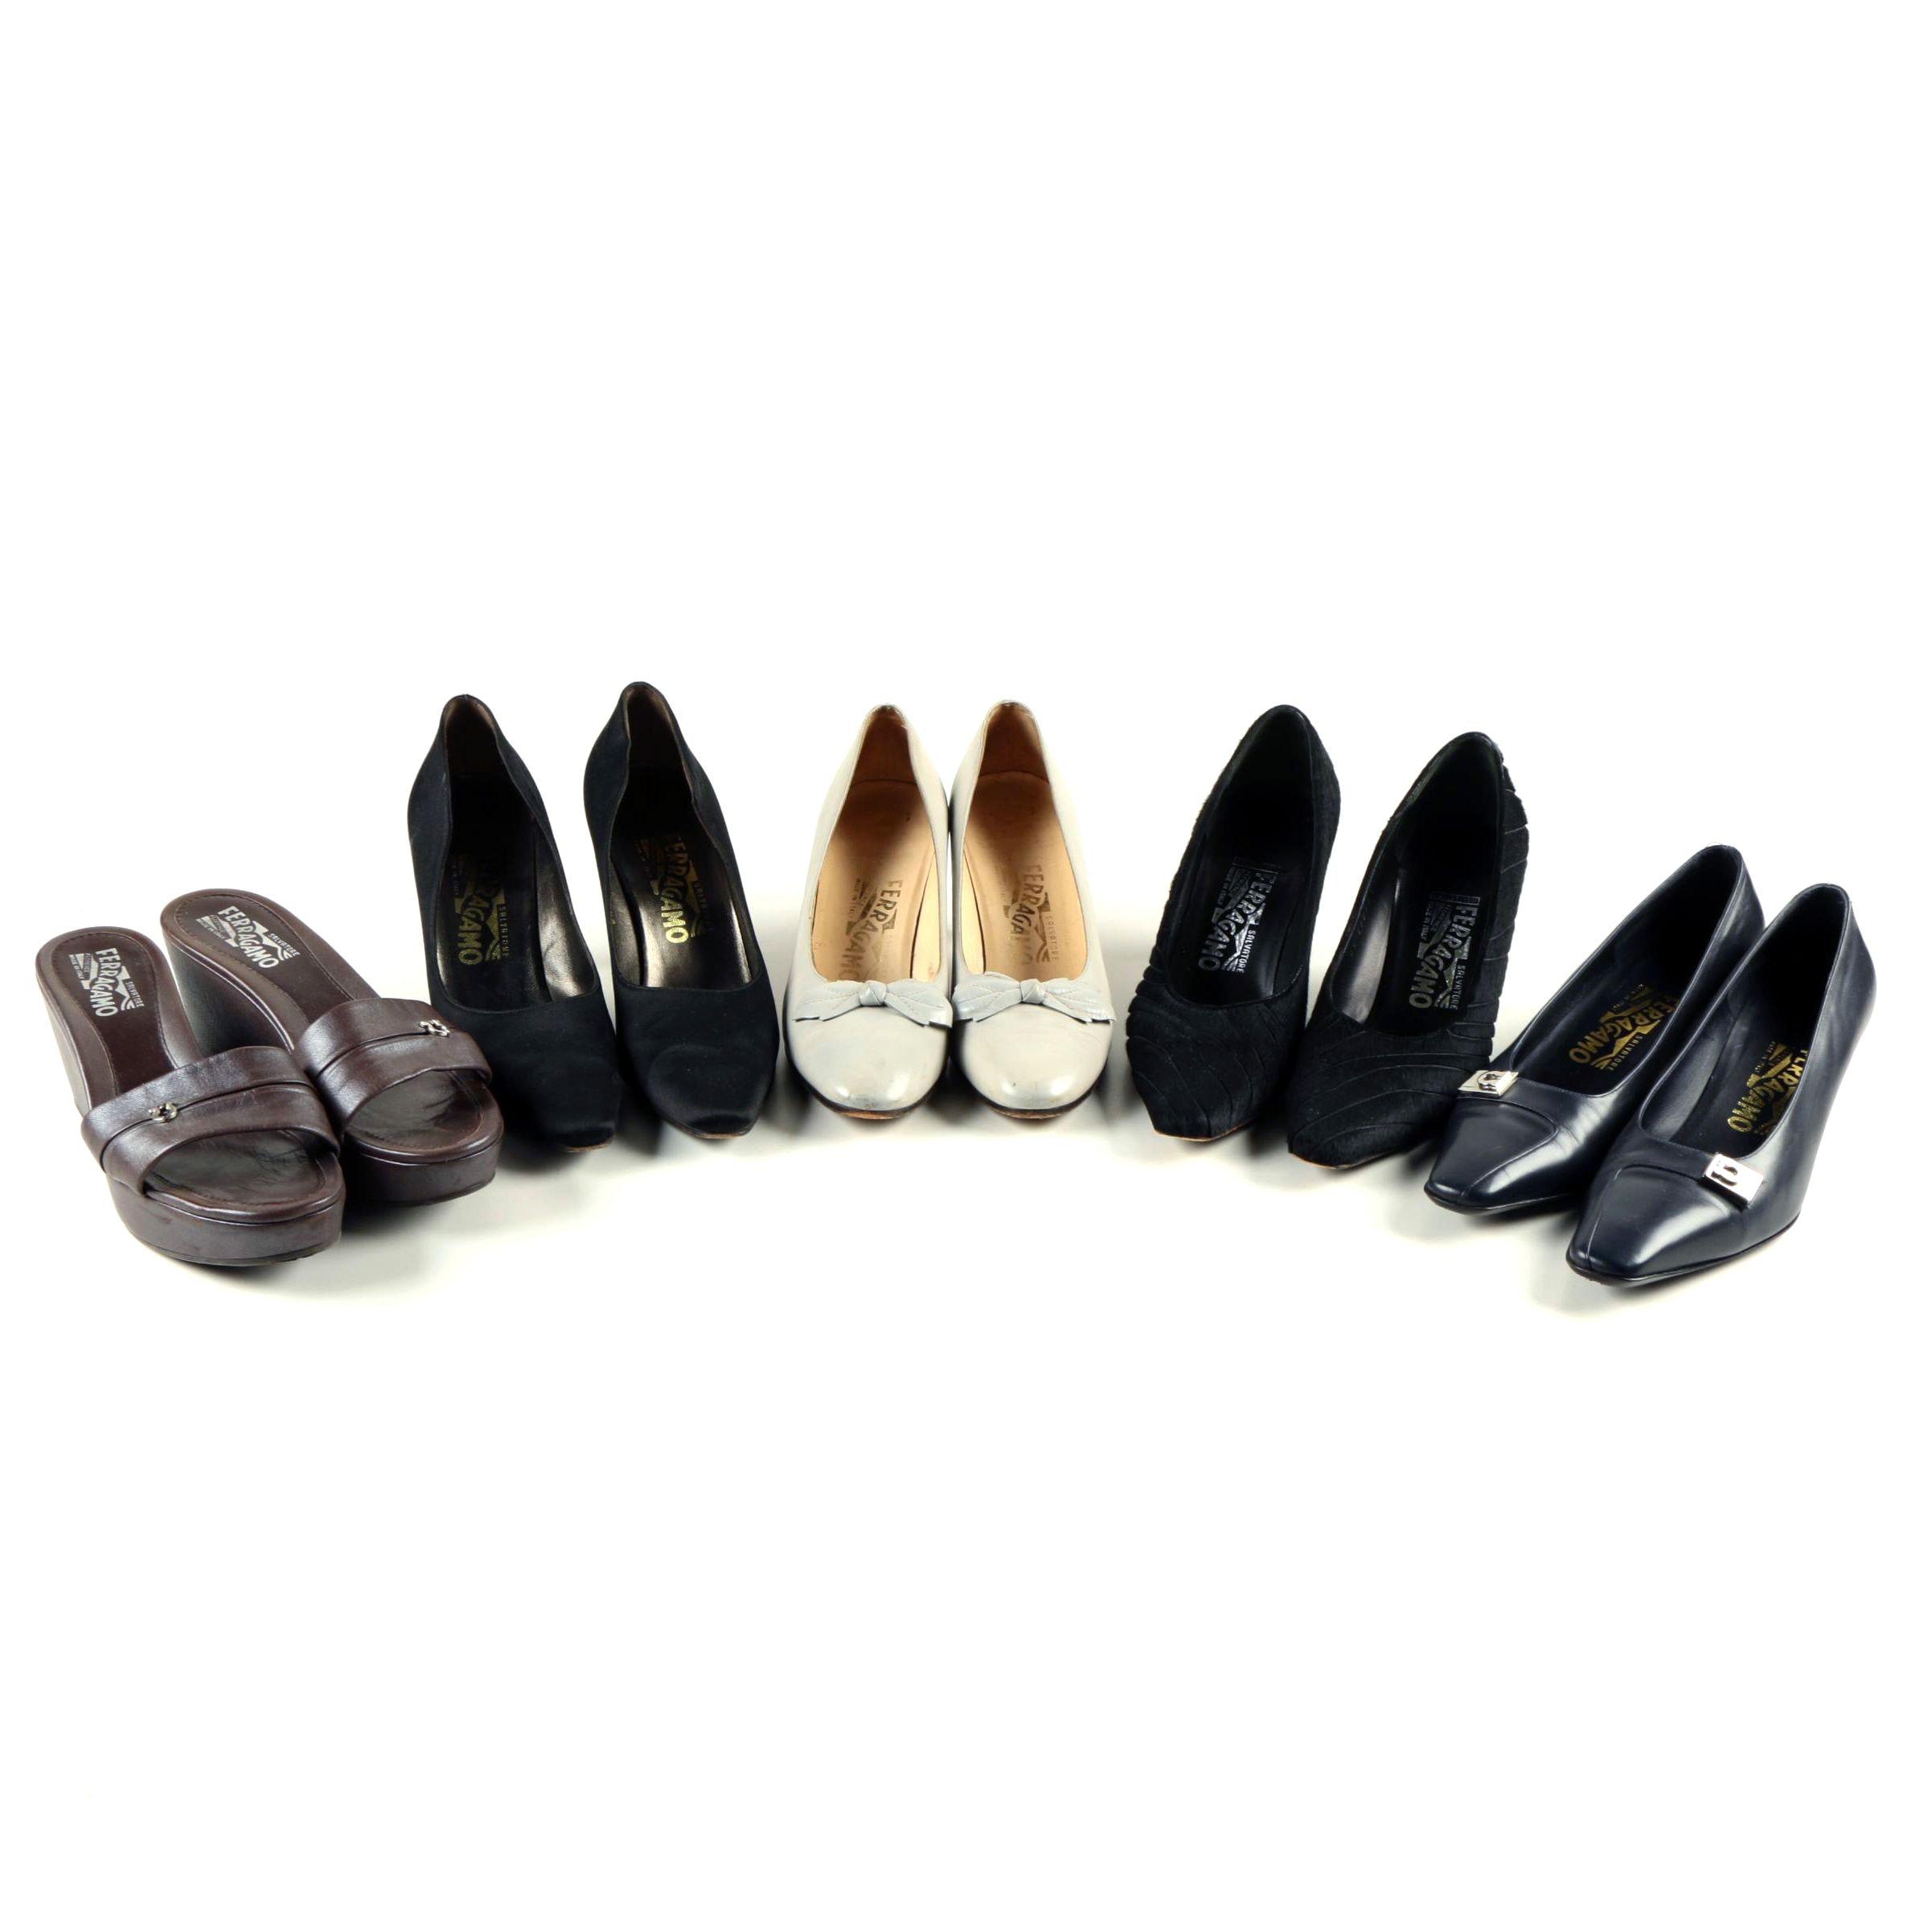 Five Pairs of Salvatore Ferragamo Heels